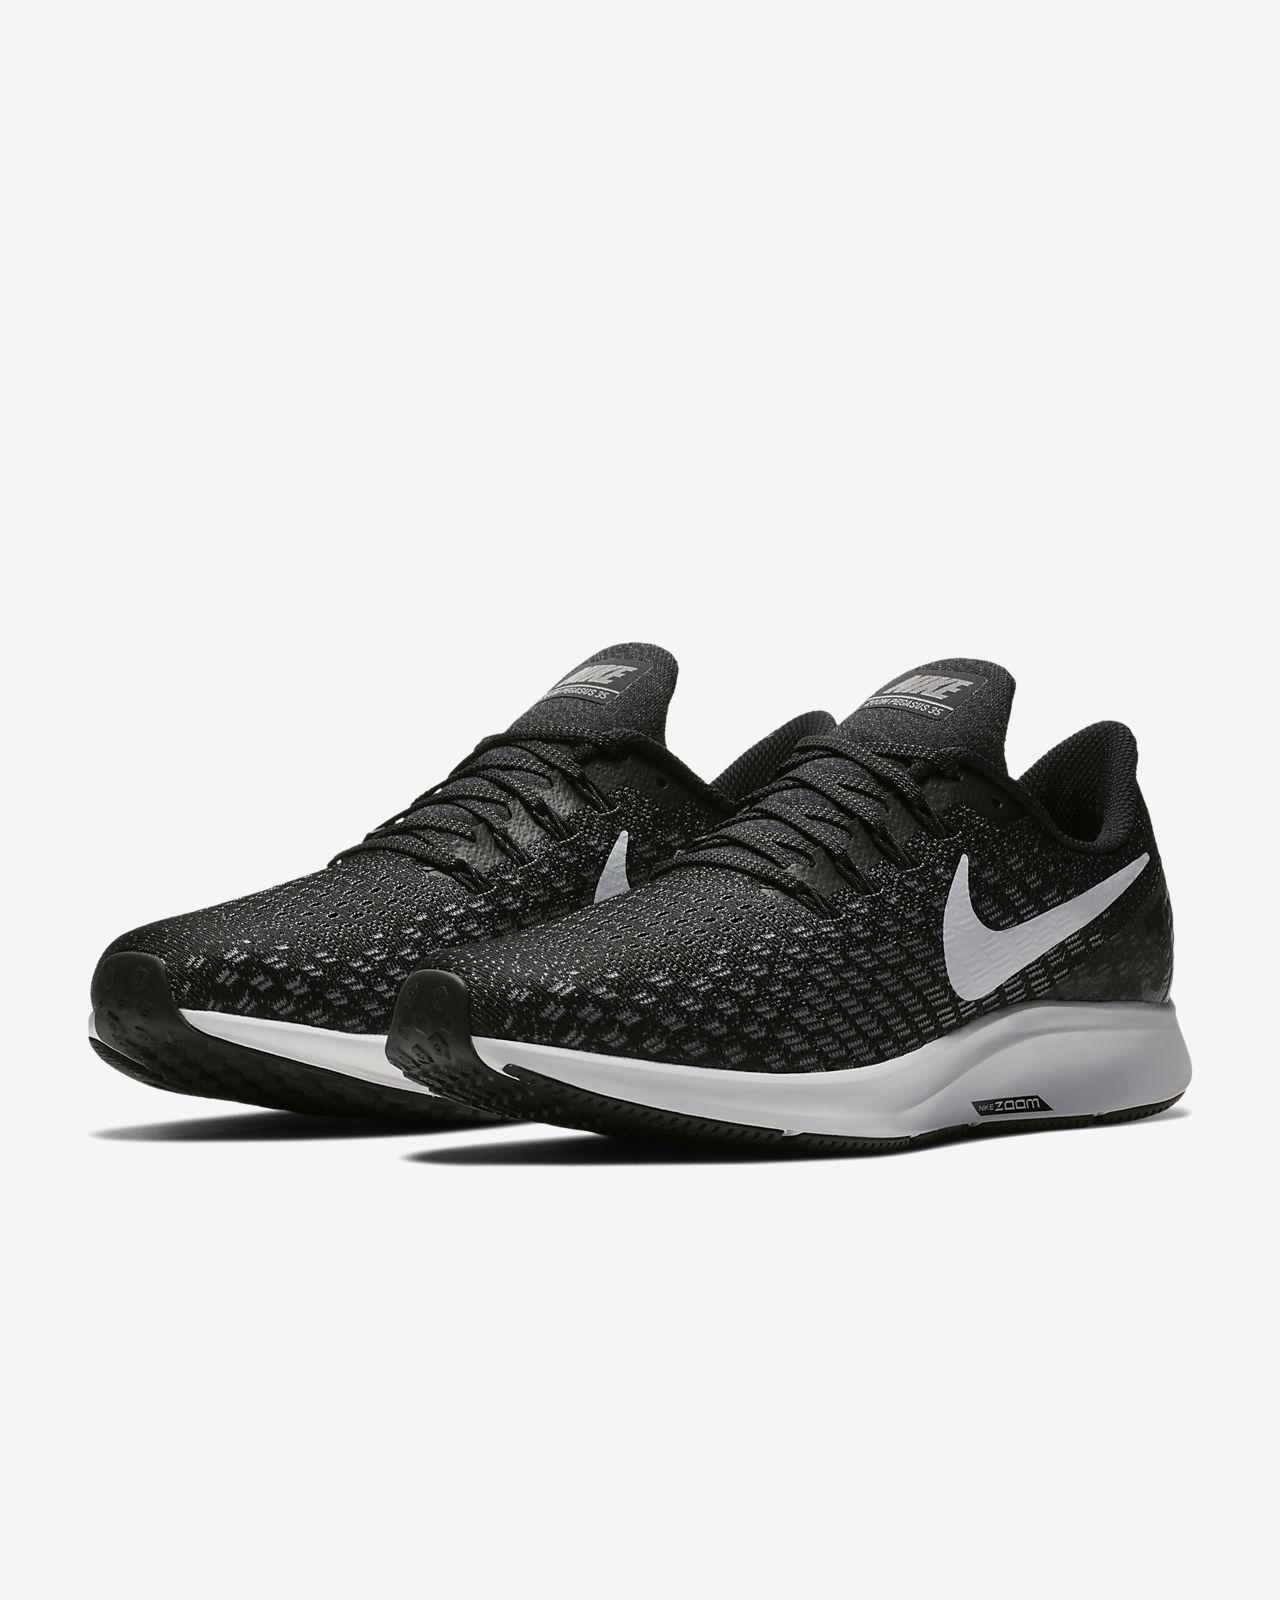 hot sale online 59cba 9442d ... Löparsko Nike Air Zoom Pegasus 35 för män